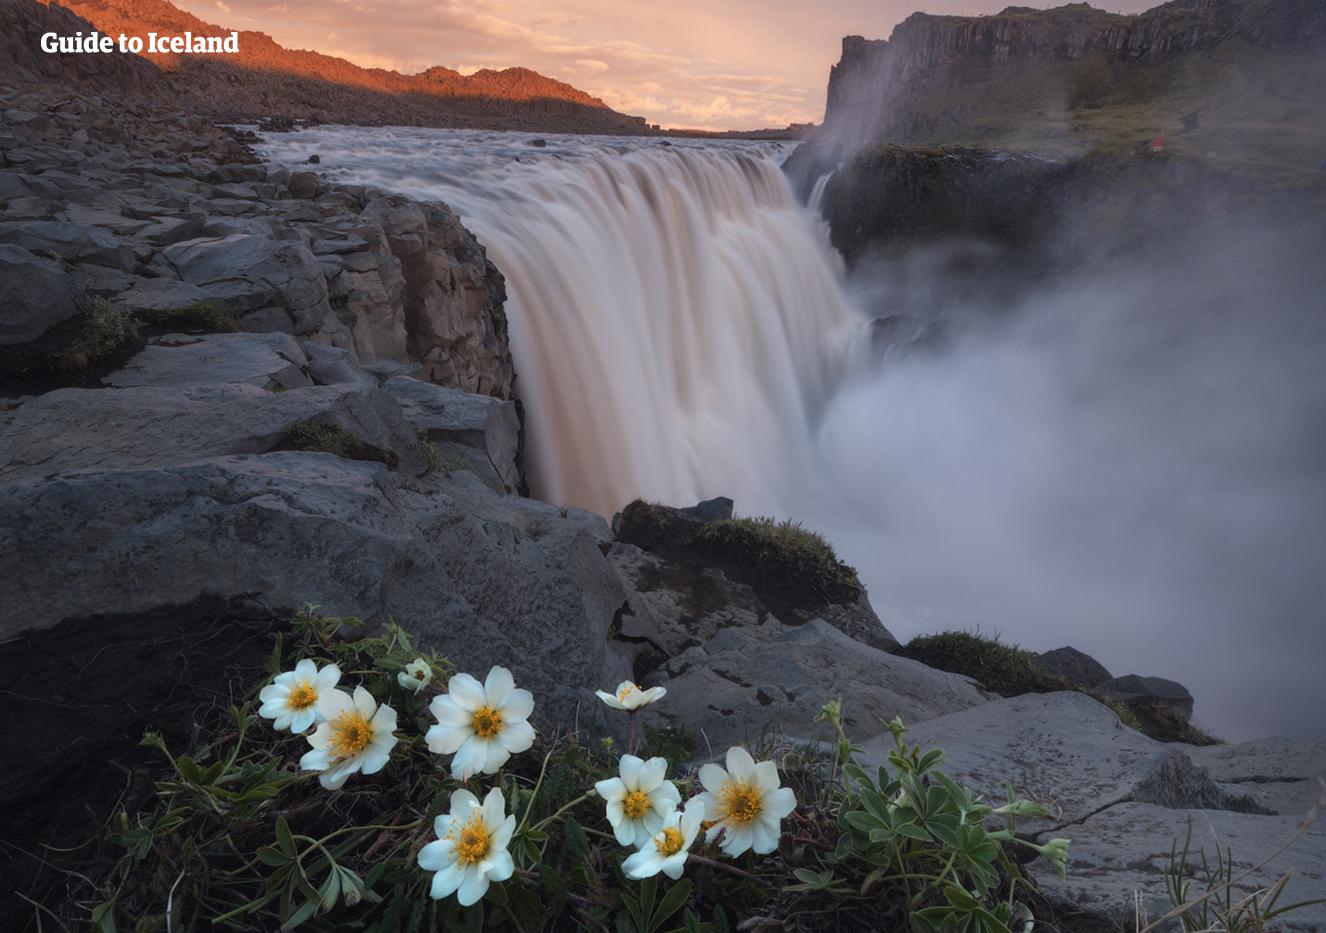 La majestuosa cascada de Dettifoss al noreste de Islandia.